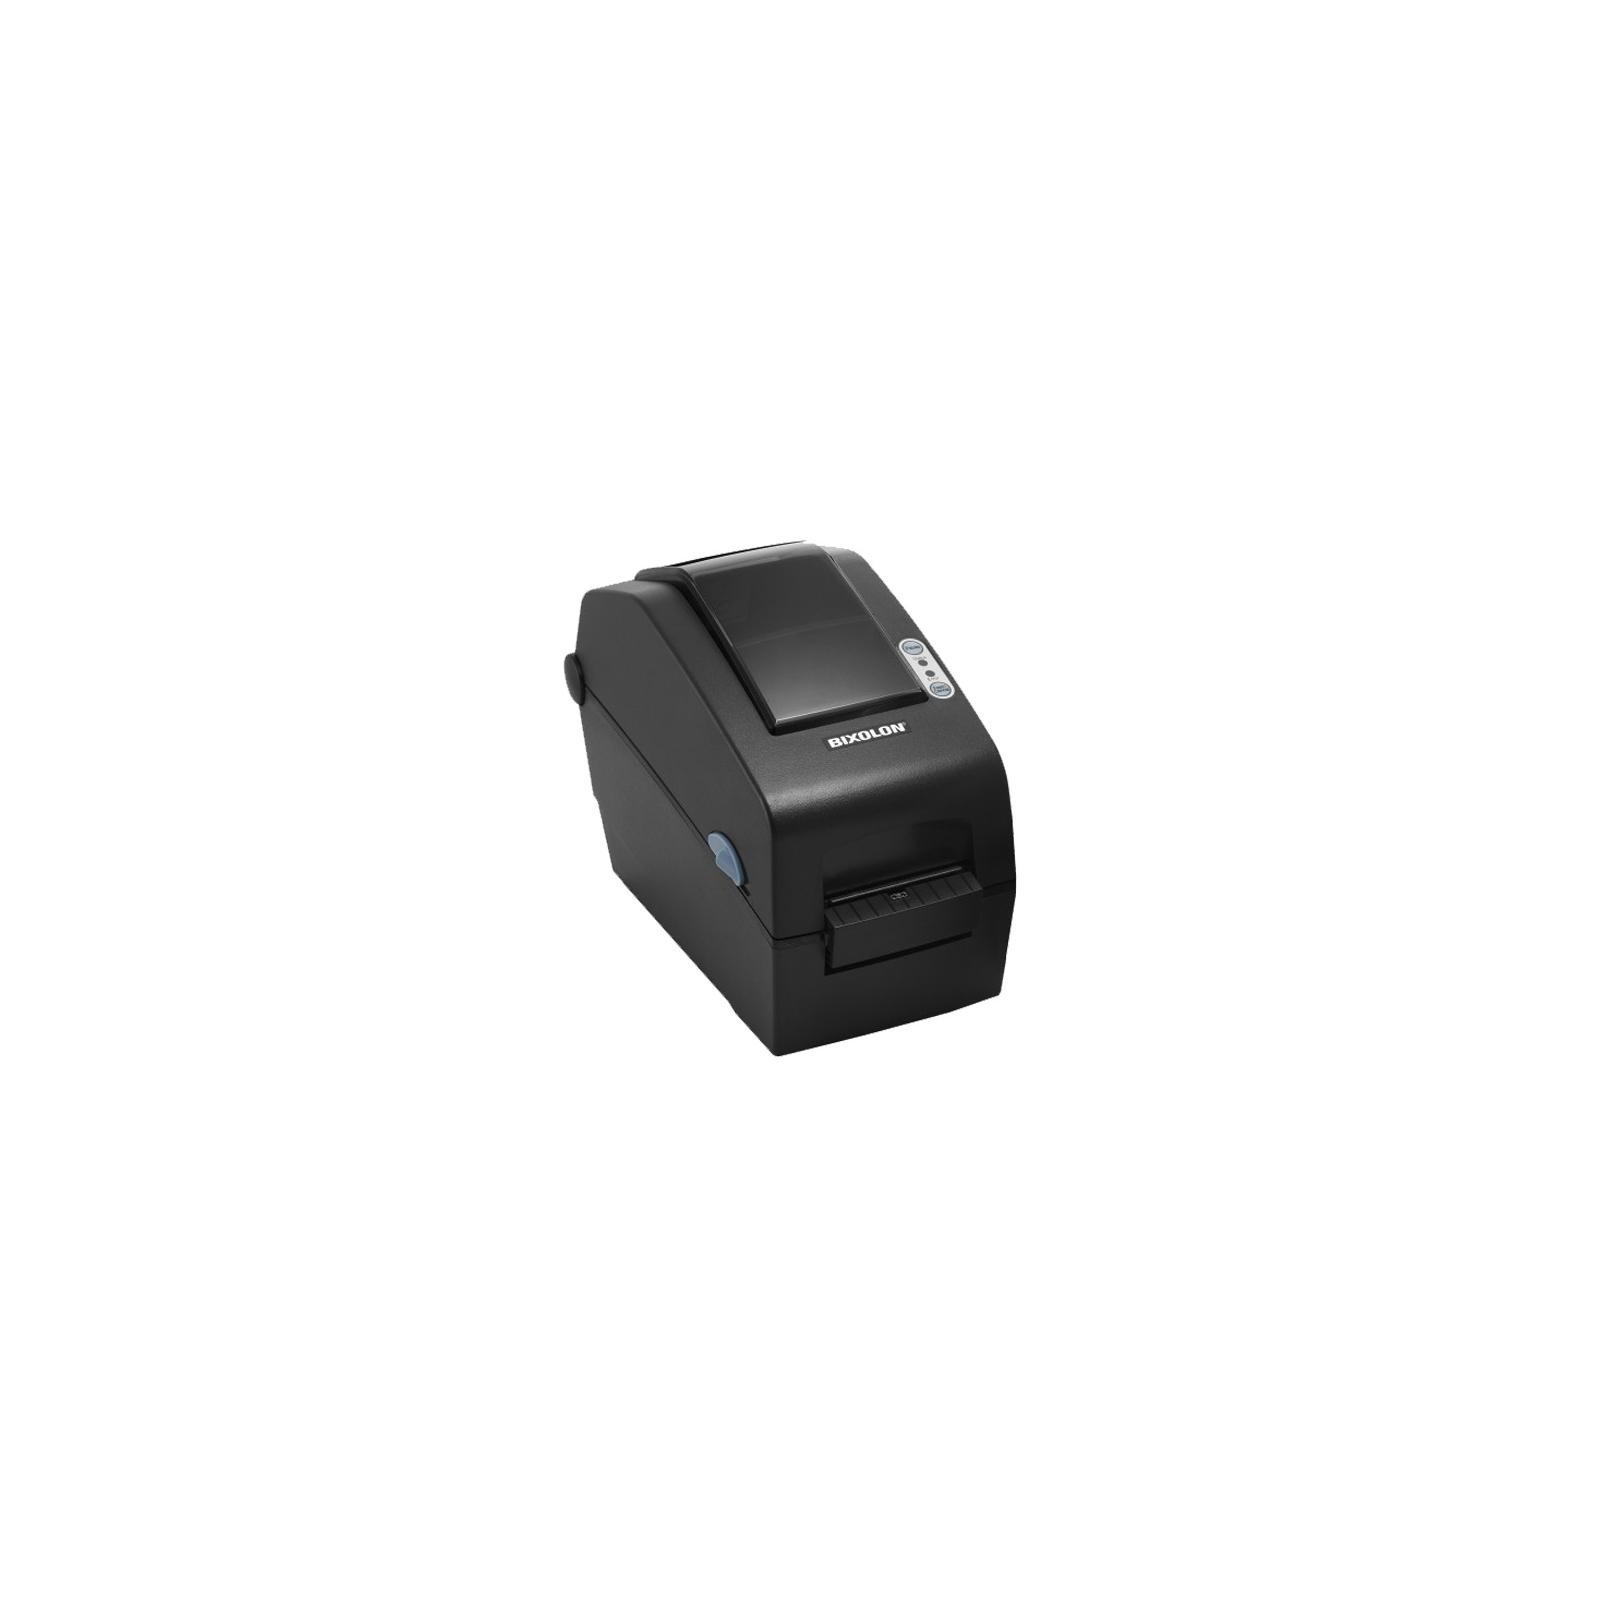 Принтер этикеток Bixolon SLP DX-220DG (SLP-DX220DG) изображение 2